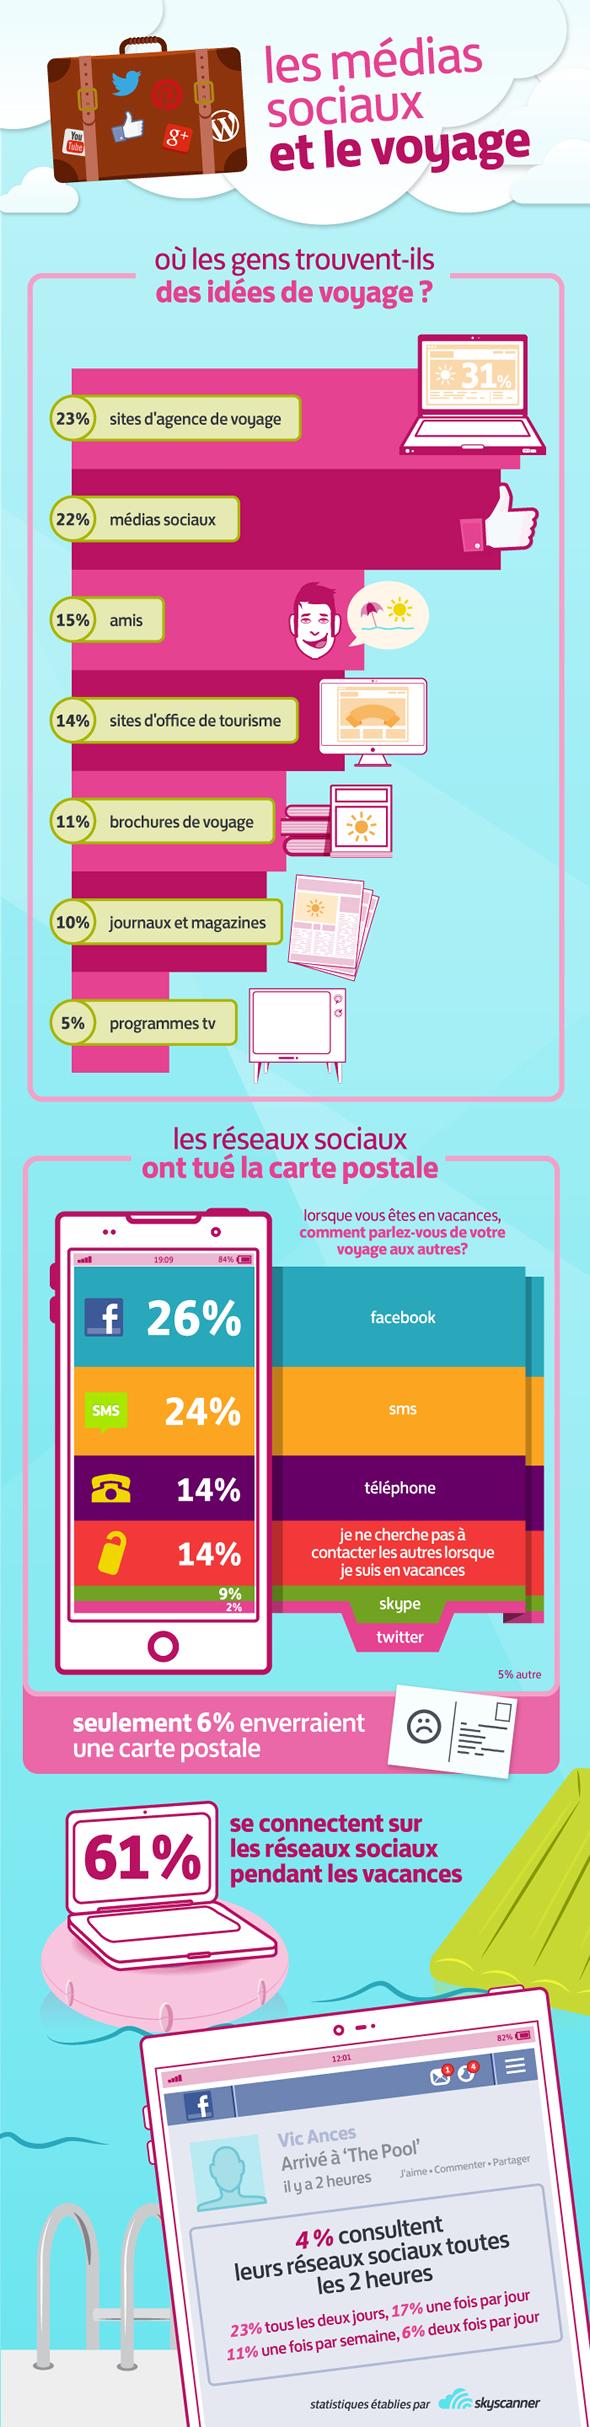 Infographie vacances les m dias sociaux les voyages cabinet recrutement rennes 35 - Cabinet recrutement rennes ...